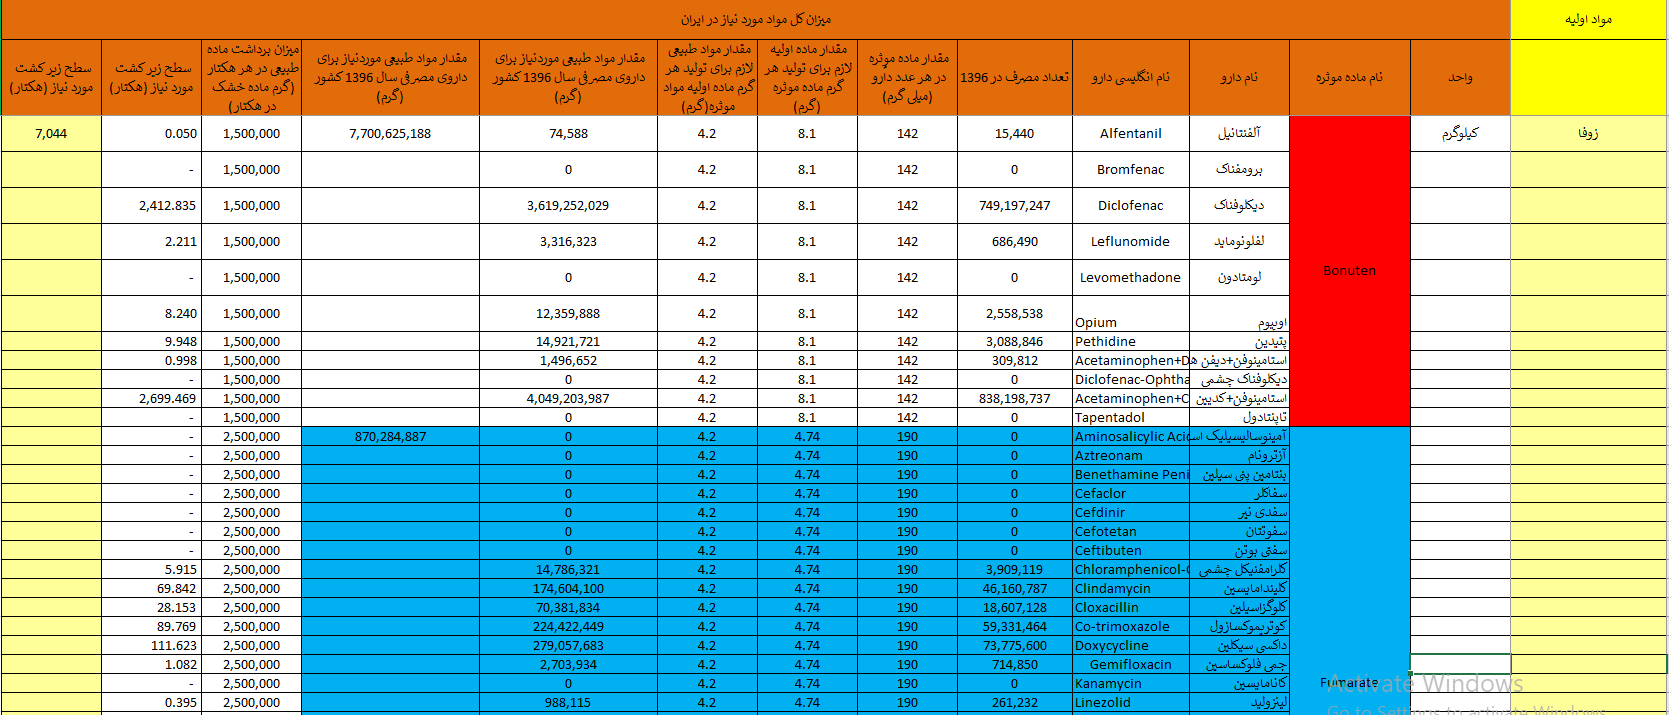 جدول برآورد مصرف و سطح زیر کشت زوفا برای تامین نیازهای دارویی در ایران